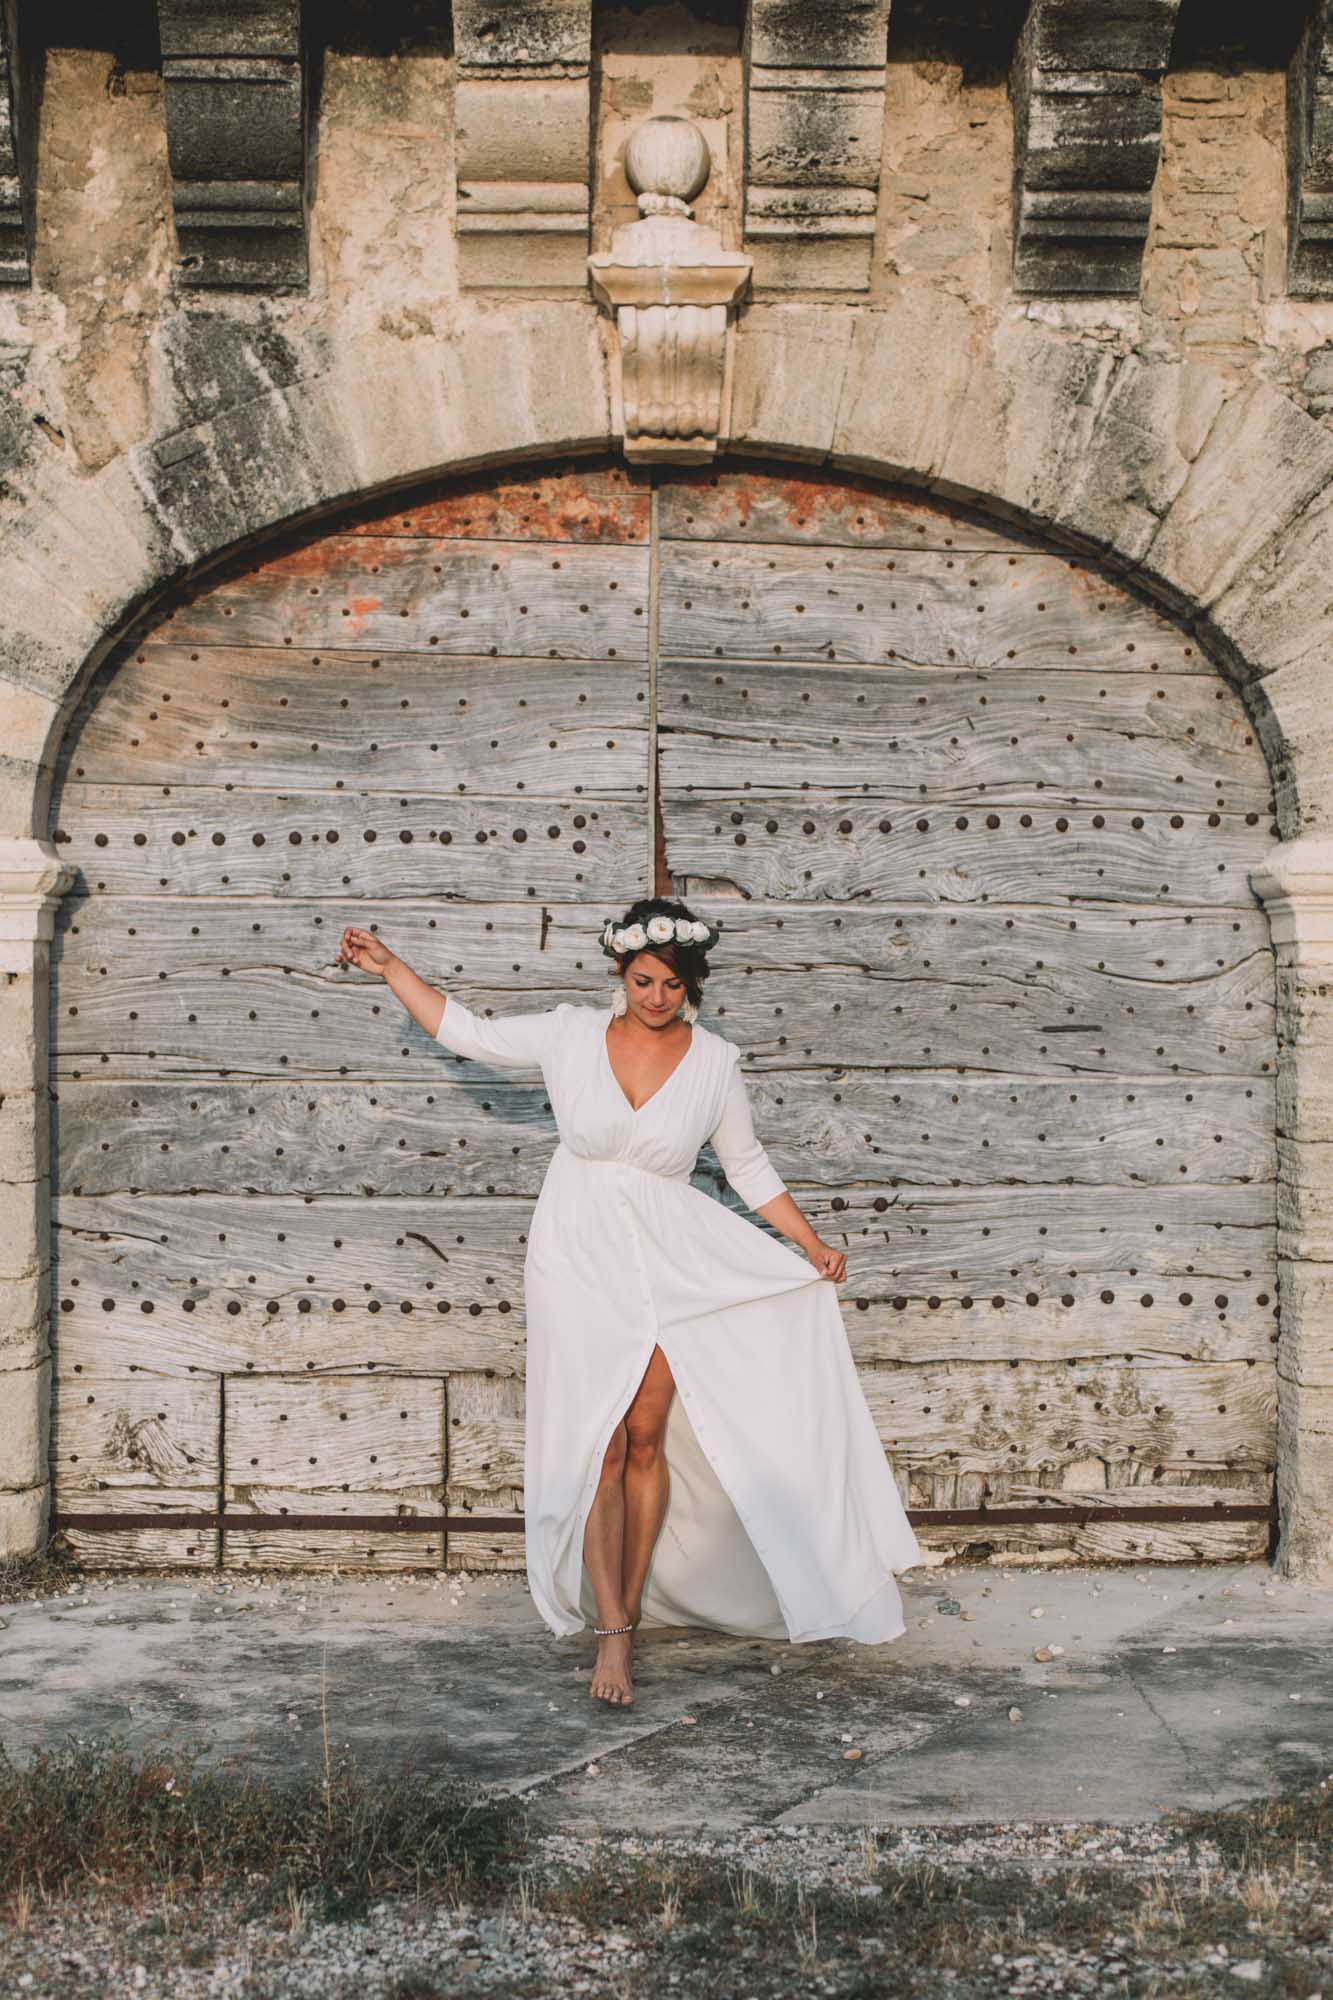 ALICE+CLEMENT_LE PETIT ROULET_PHOTOGRAPHE_MARIAGE_LES BANDITS-36